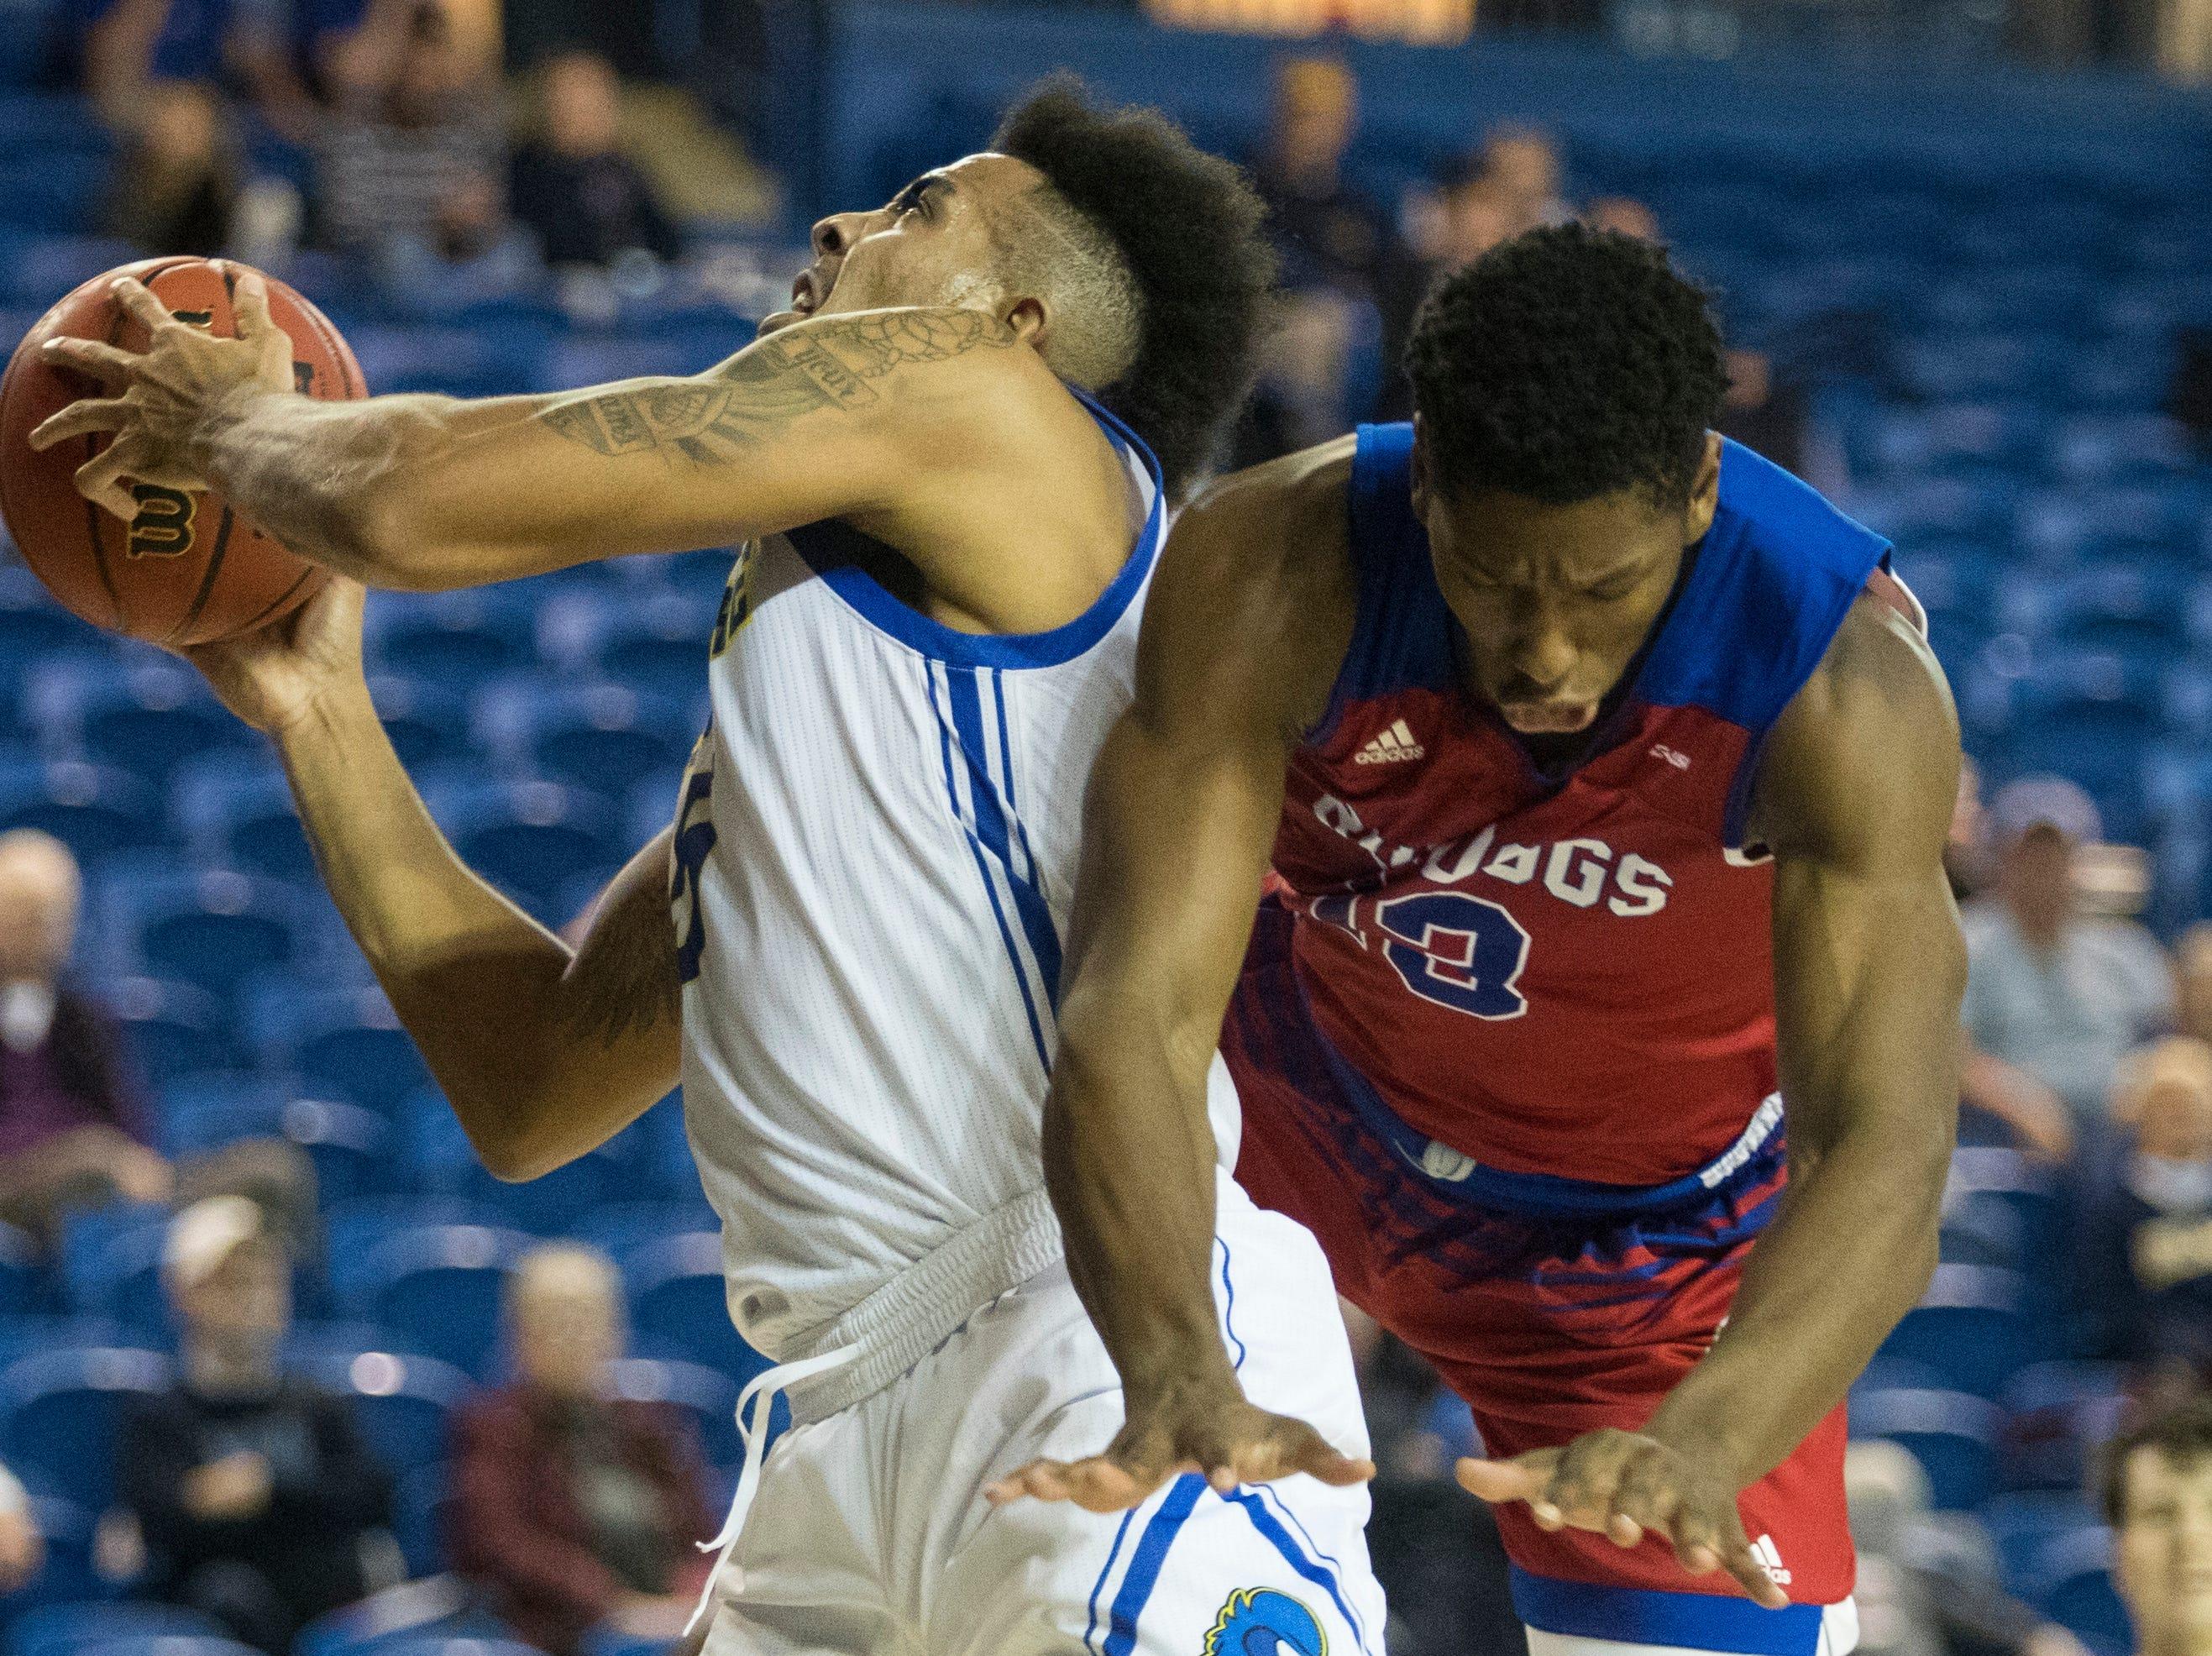 Delaware's Eric Carter (5) grabs a rebound Monday at the Bob Carpenter Center. Delaware defeated Louisiana Tech 75-71.